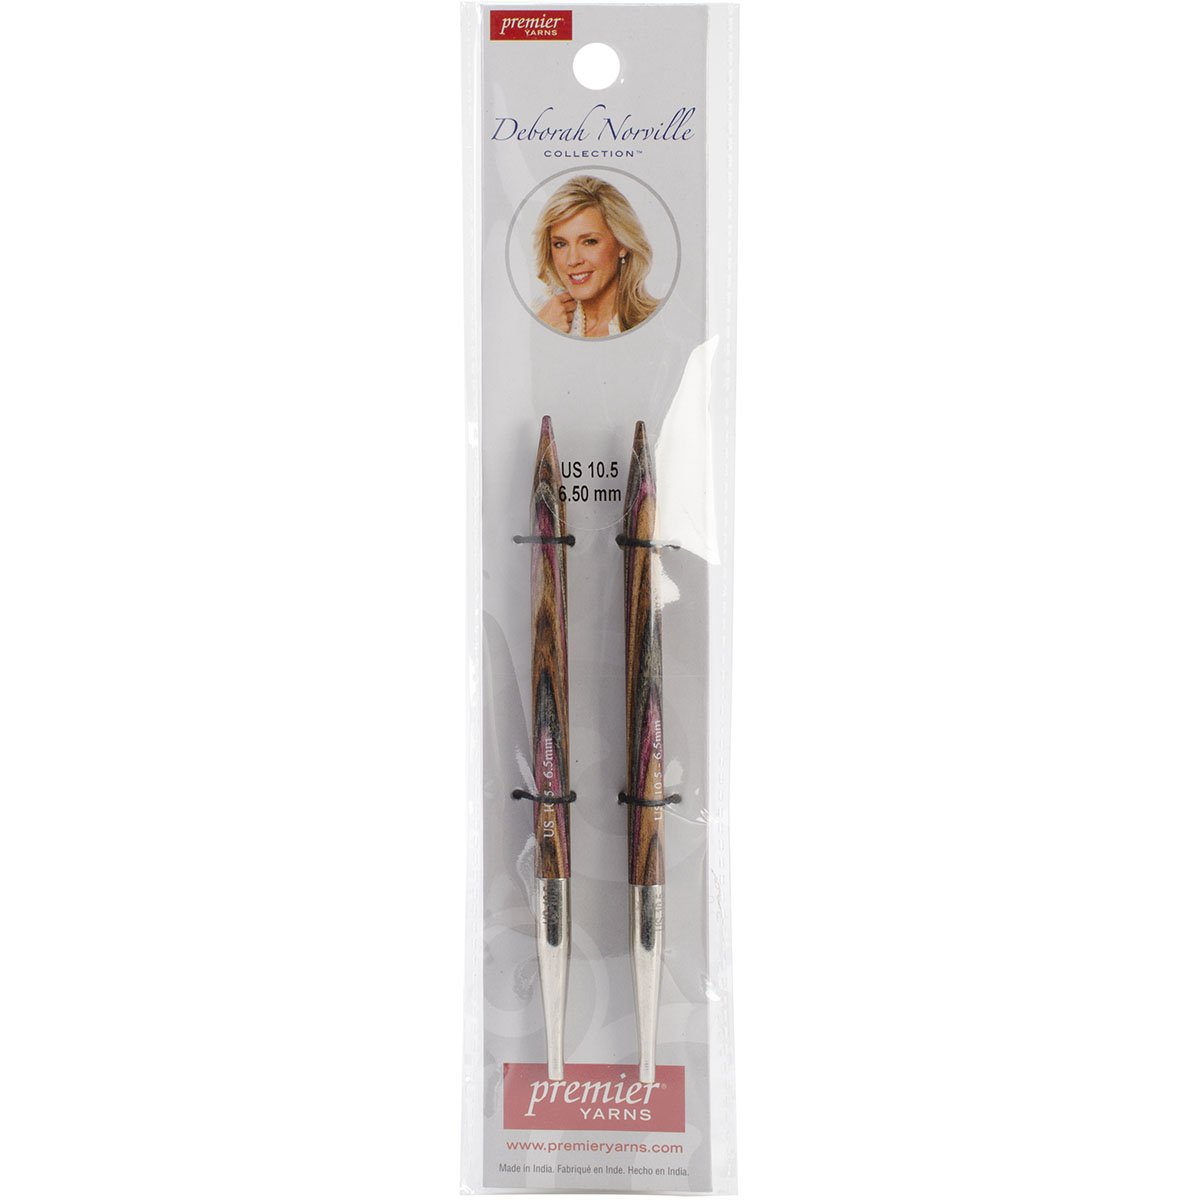 Premier Yarns Deborah Norville Interchangeable Needles, 10.5/6.5mm